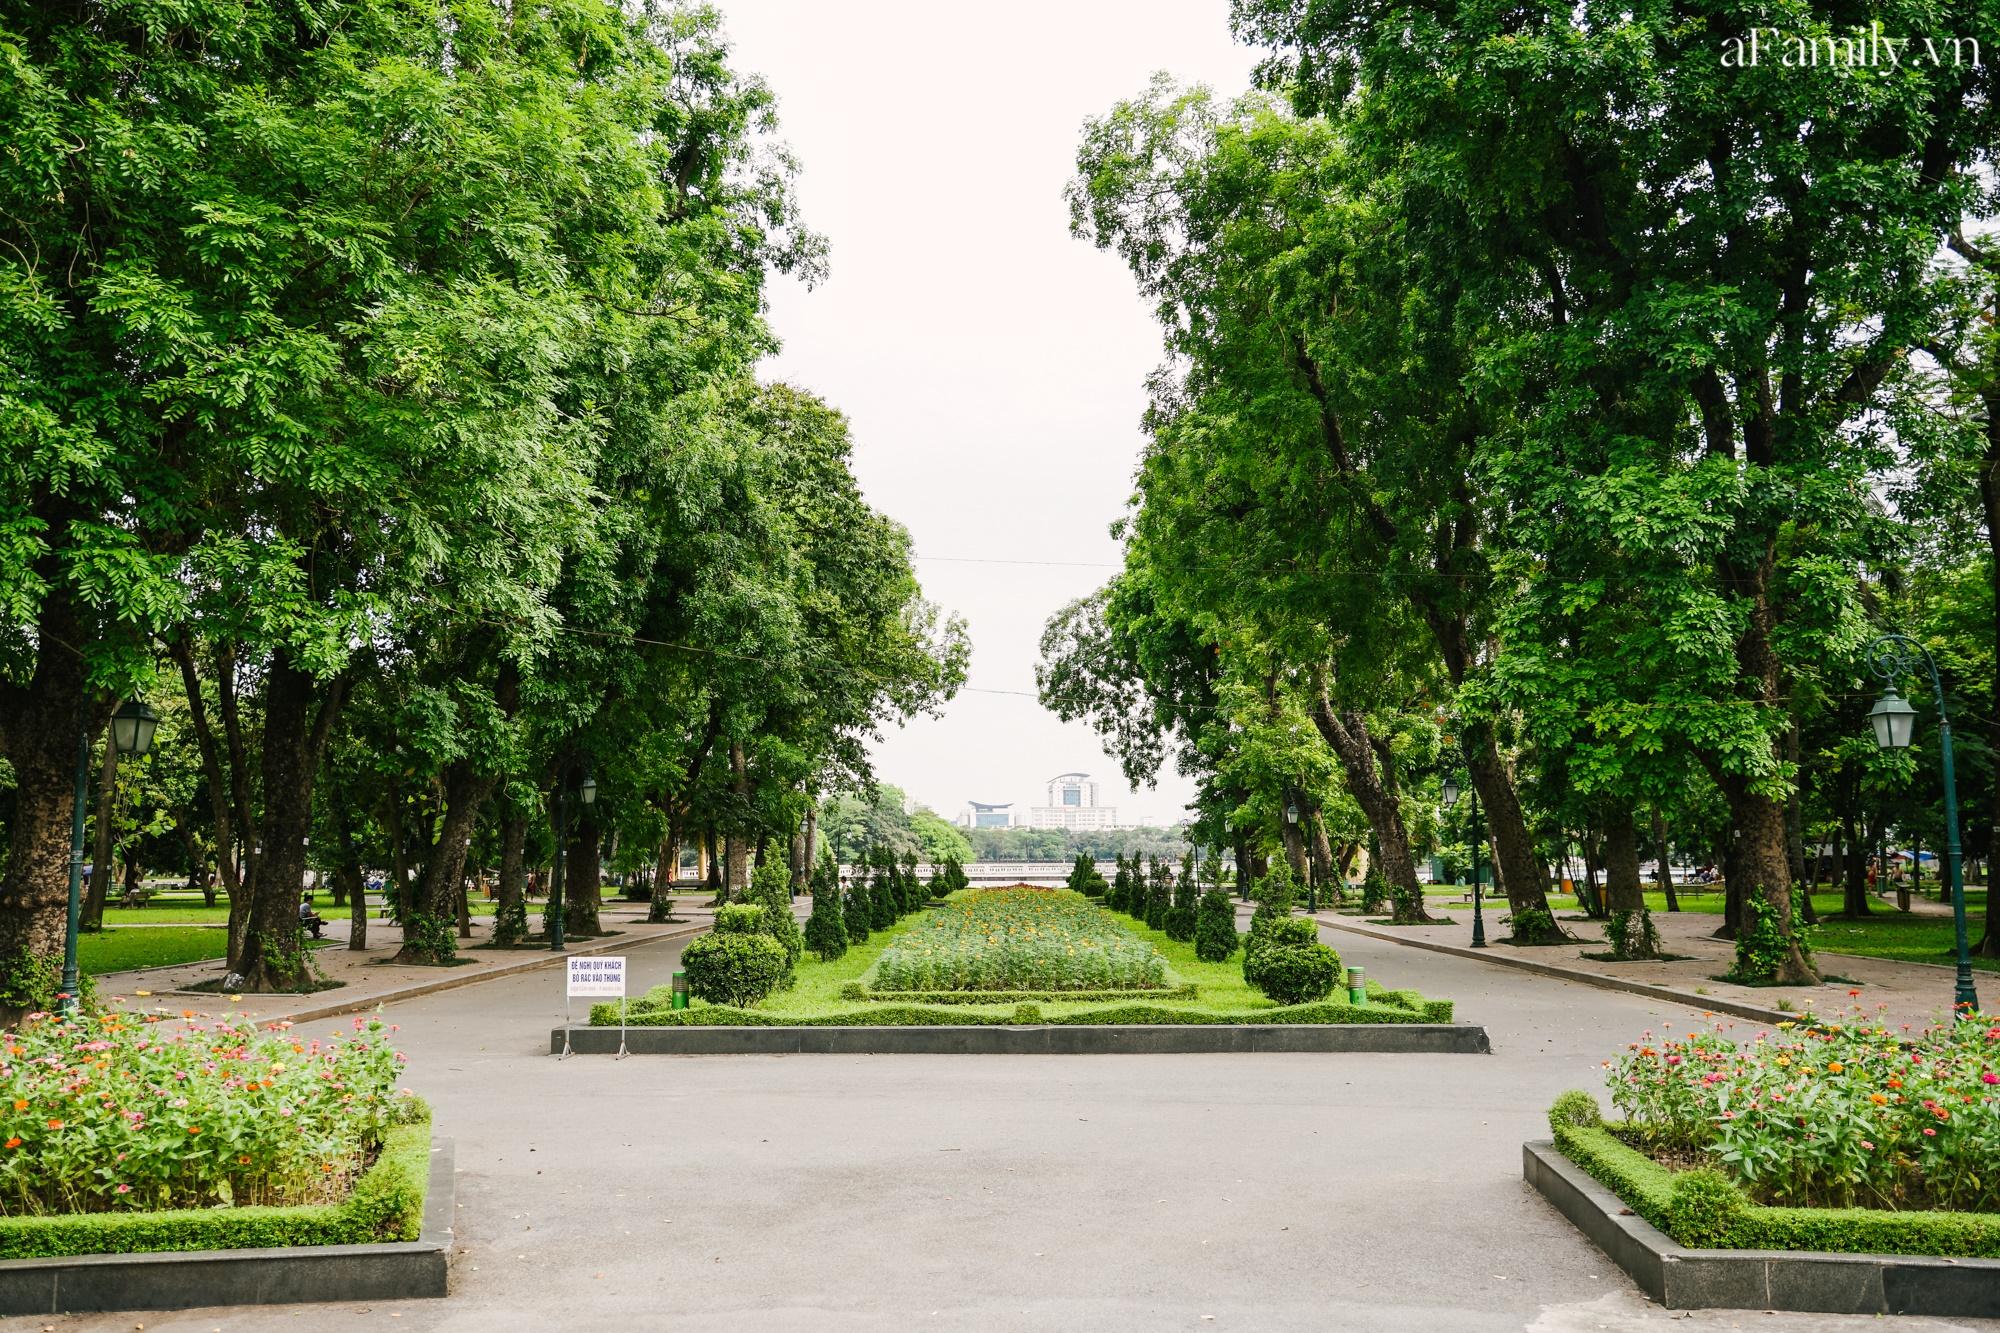 4000 đồng cho tour du lịch hè độc đáo ngay giữa thủ đô ở một công viên lâu đời vừa có đảo, vừa có rừng cây xanh, hồ cá trong lành - Ảnh 2.